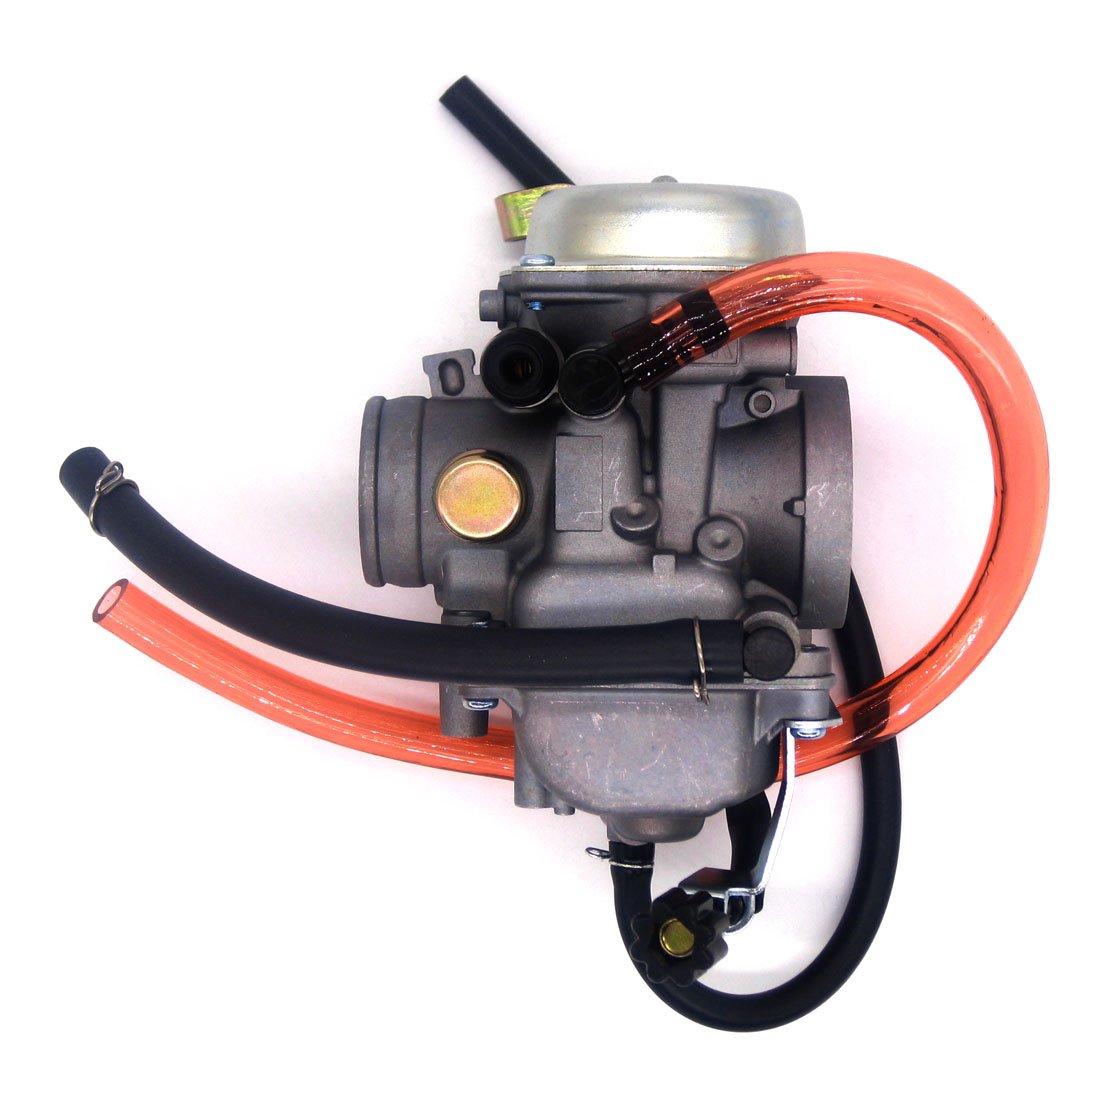 NIMTEK Kawasaki KLF 300 KLF300 Carburetor 1986-1995 1996-2005 BAYOU Carby Carb ATV